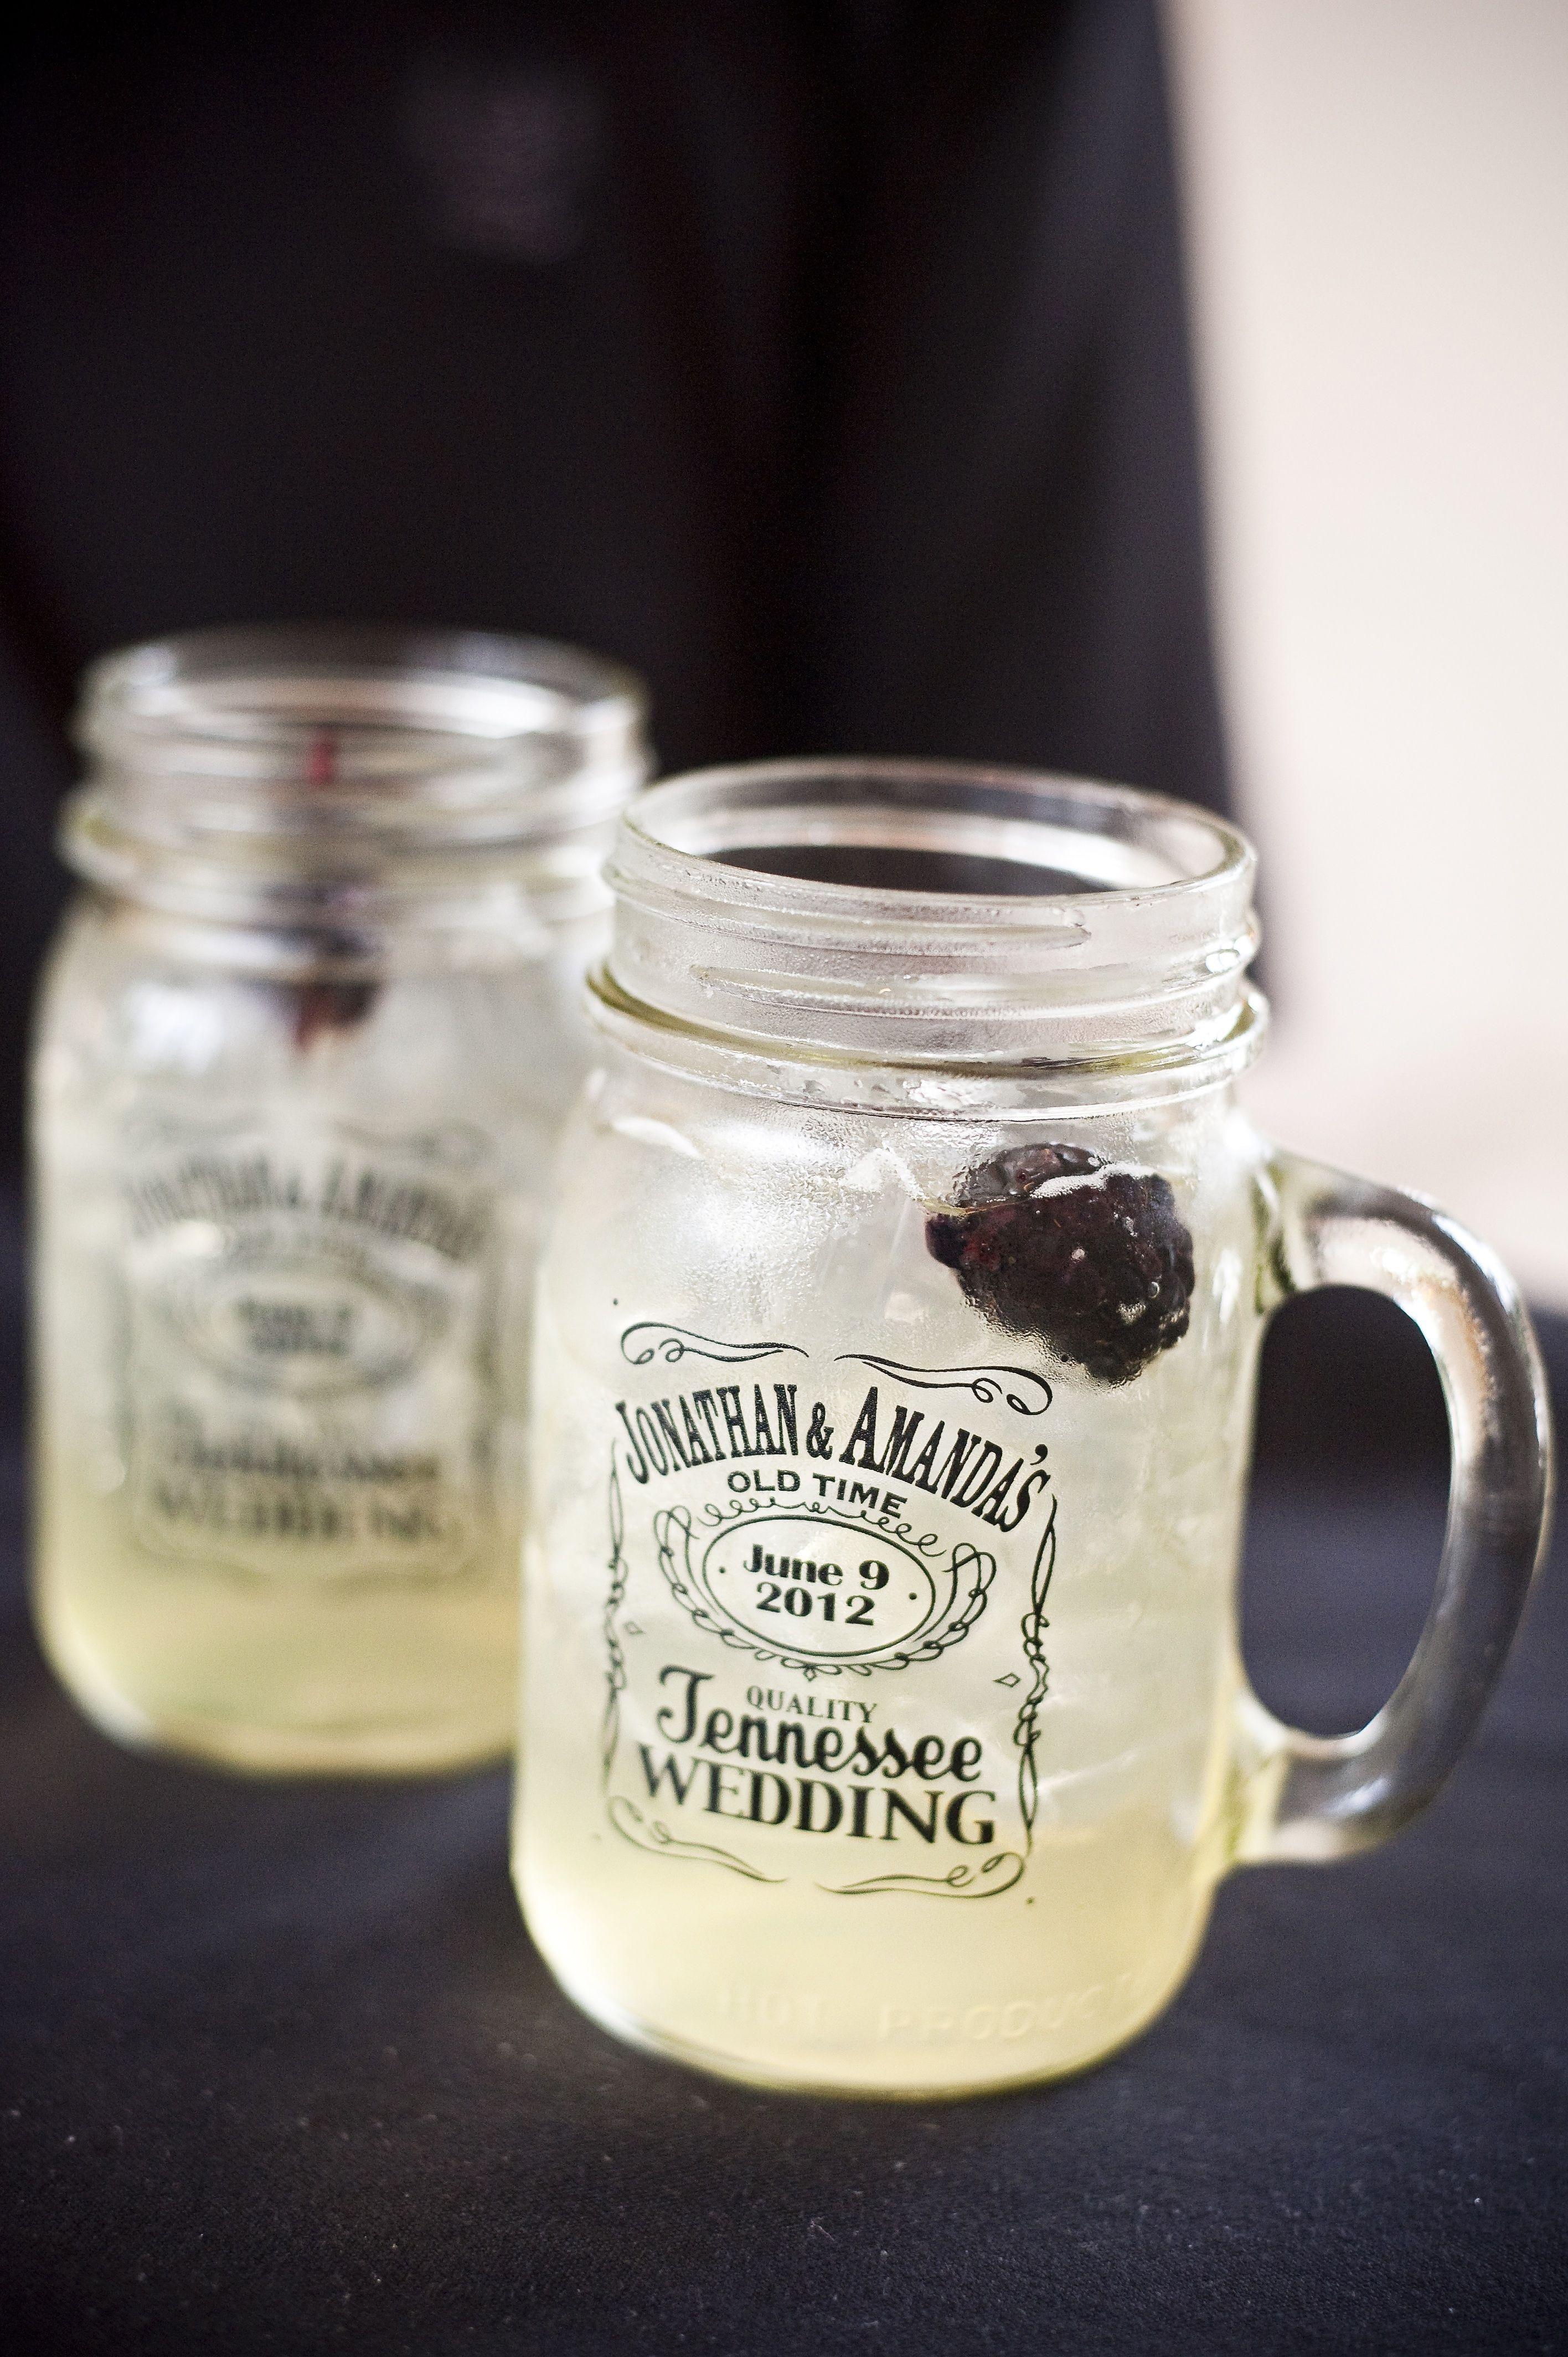 Pin By Danielle Stiglitz On Wedding Bliss Mason Jar Wedding Favors Wedding Favour Jars Mason Jar Wedding